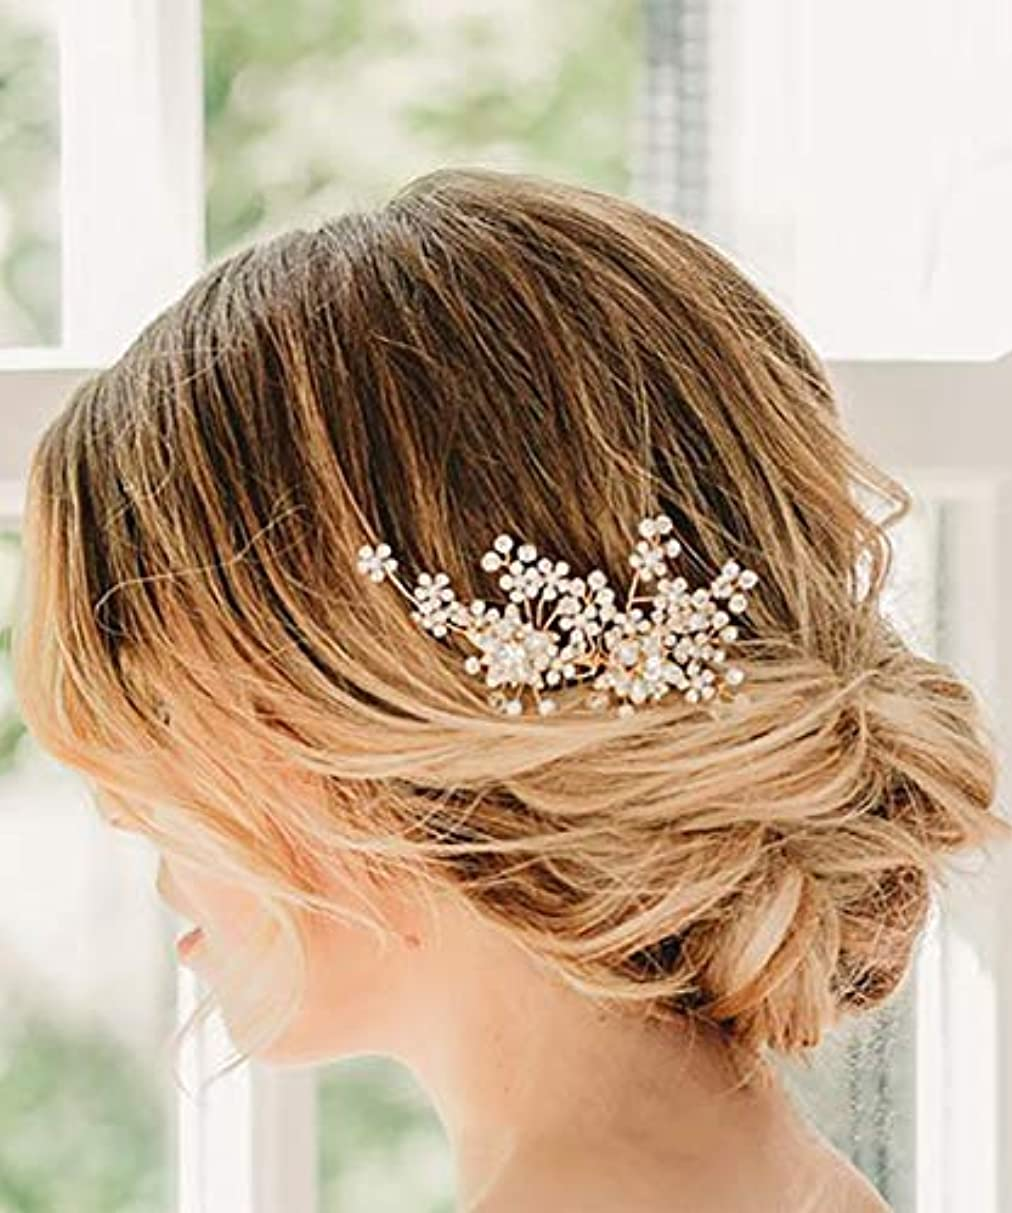 最初警報さておきDeniferymakeup Dainty Bridal Floral Hair Comb Wedding Pearl Hair Comb Woodland Bridal Hair Accessories Flower Headpiece Bridal Head Piece Floral Hair Clip Leaf Side Comb Bridal Tiara (Silver) [並行輸入品]